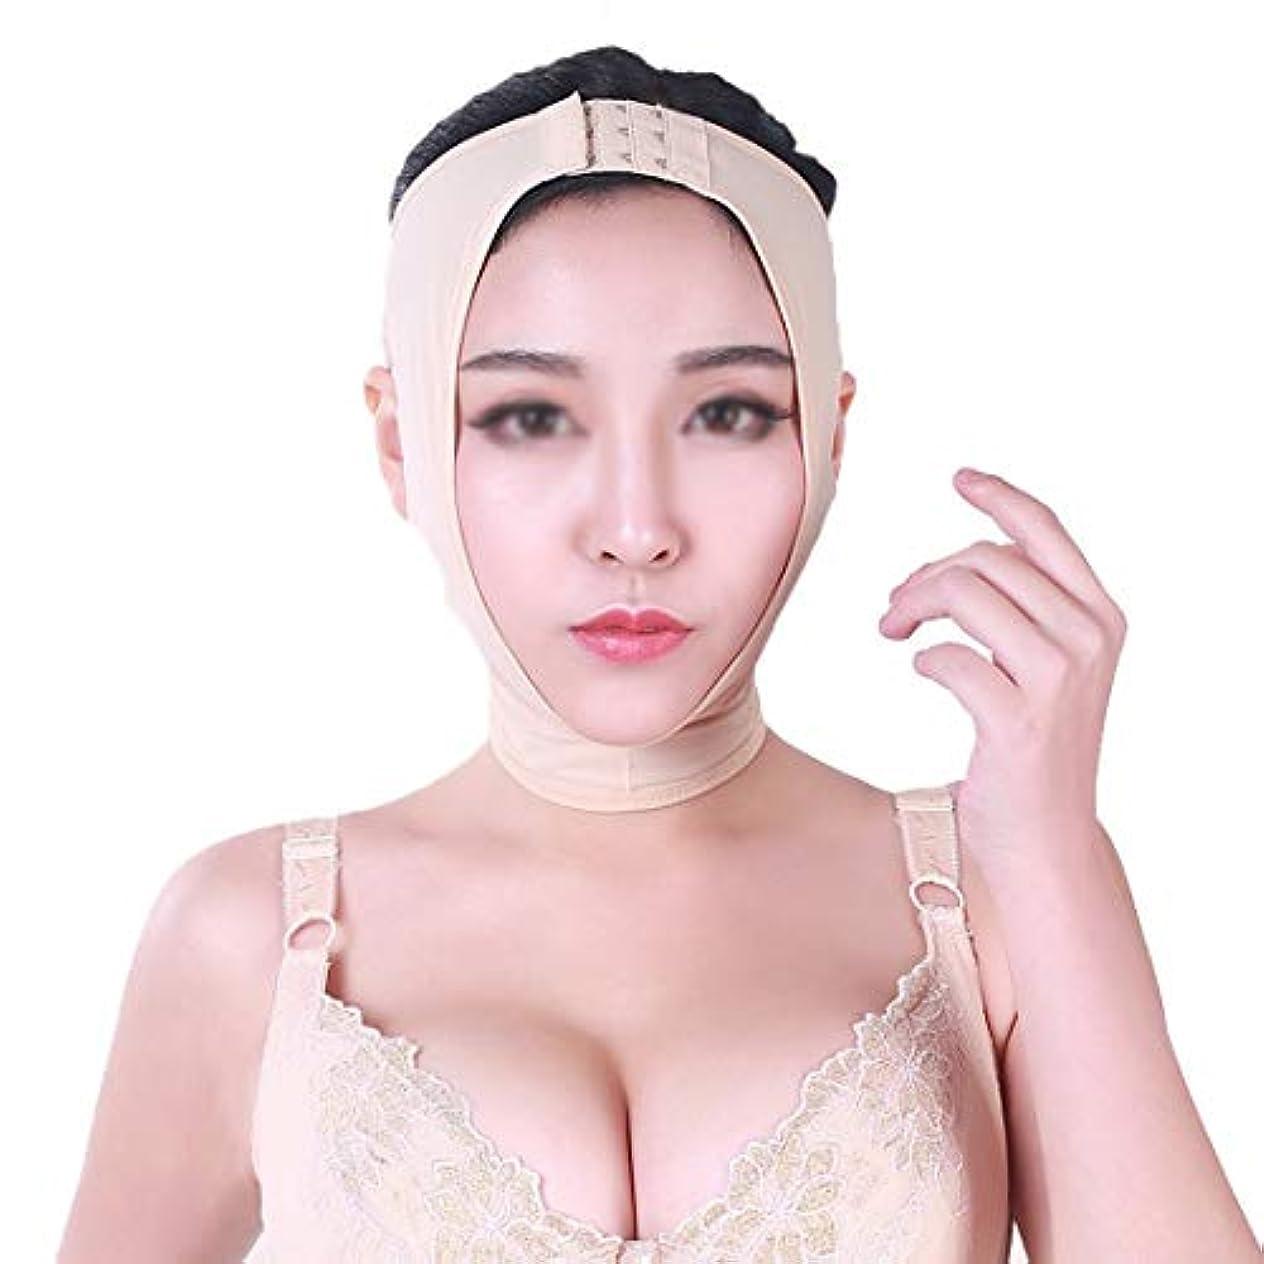 摩擦通路長方形ZWBD フェイスマスク, 薄い顔包帯二重あごケア減量マスクリフト引き締めv顔小さなv顔二重あごリフト包帯 (Size : S)